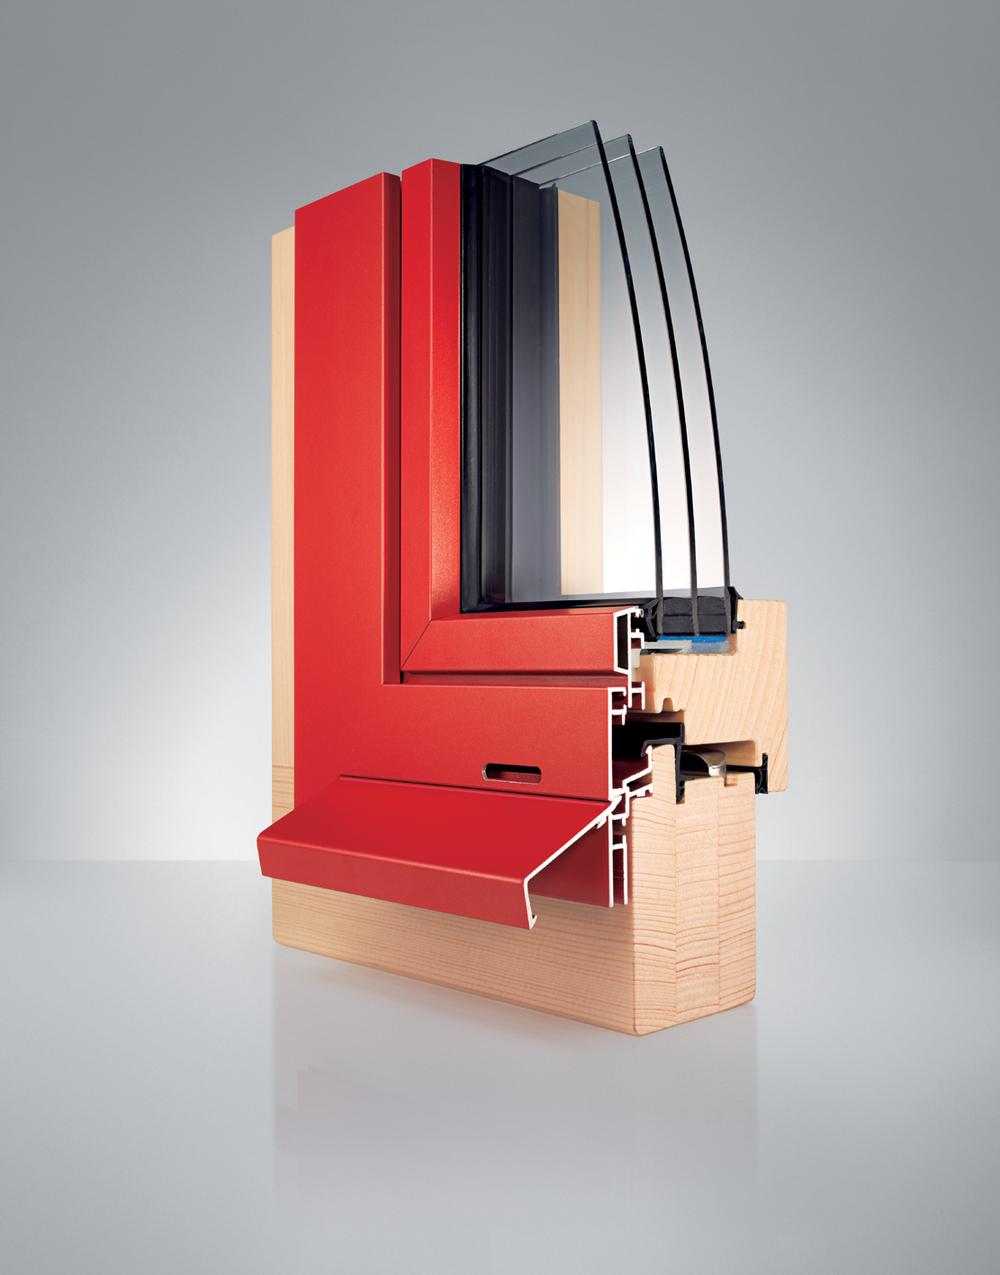 Profil Holz/alu-Fenster WS1 teilflächenversetzt